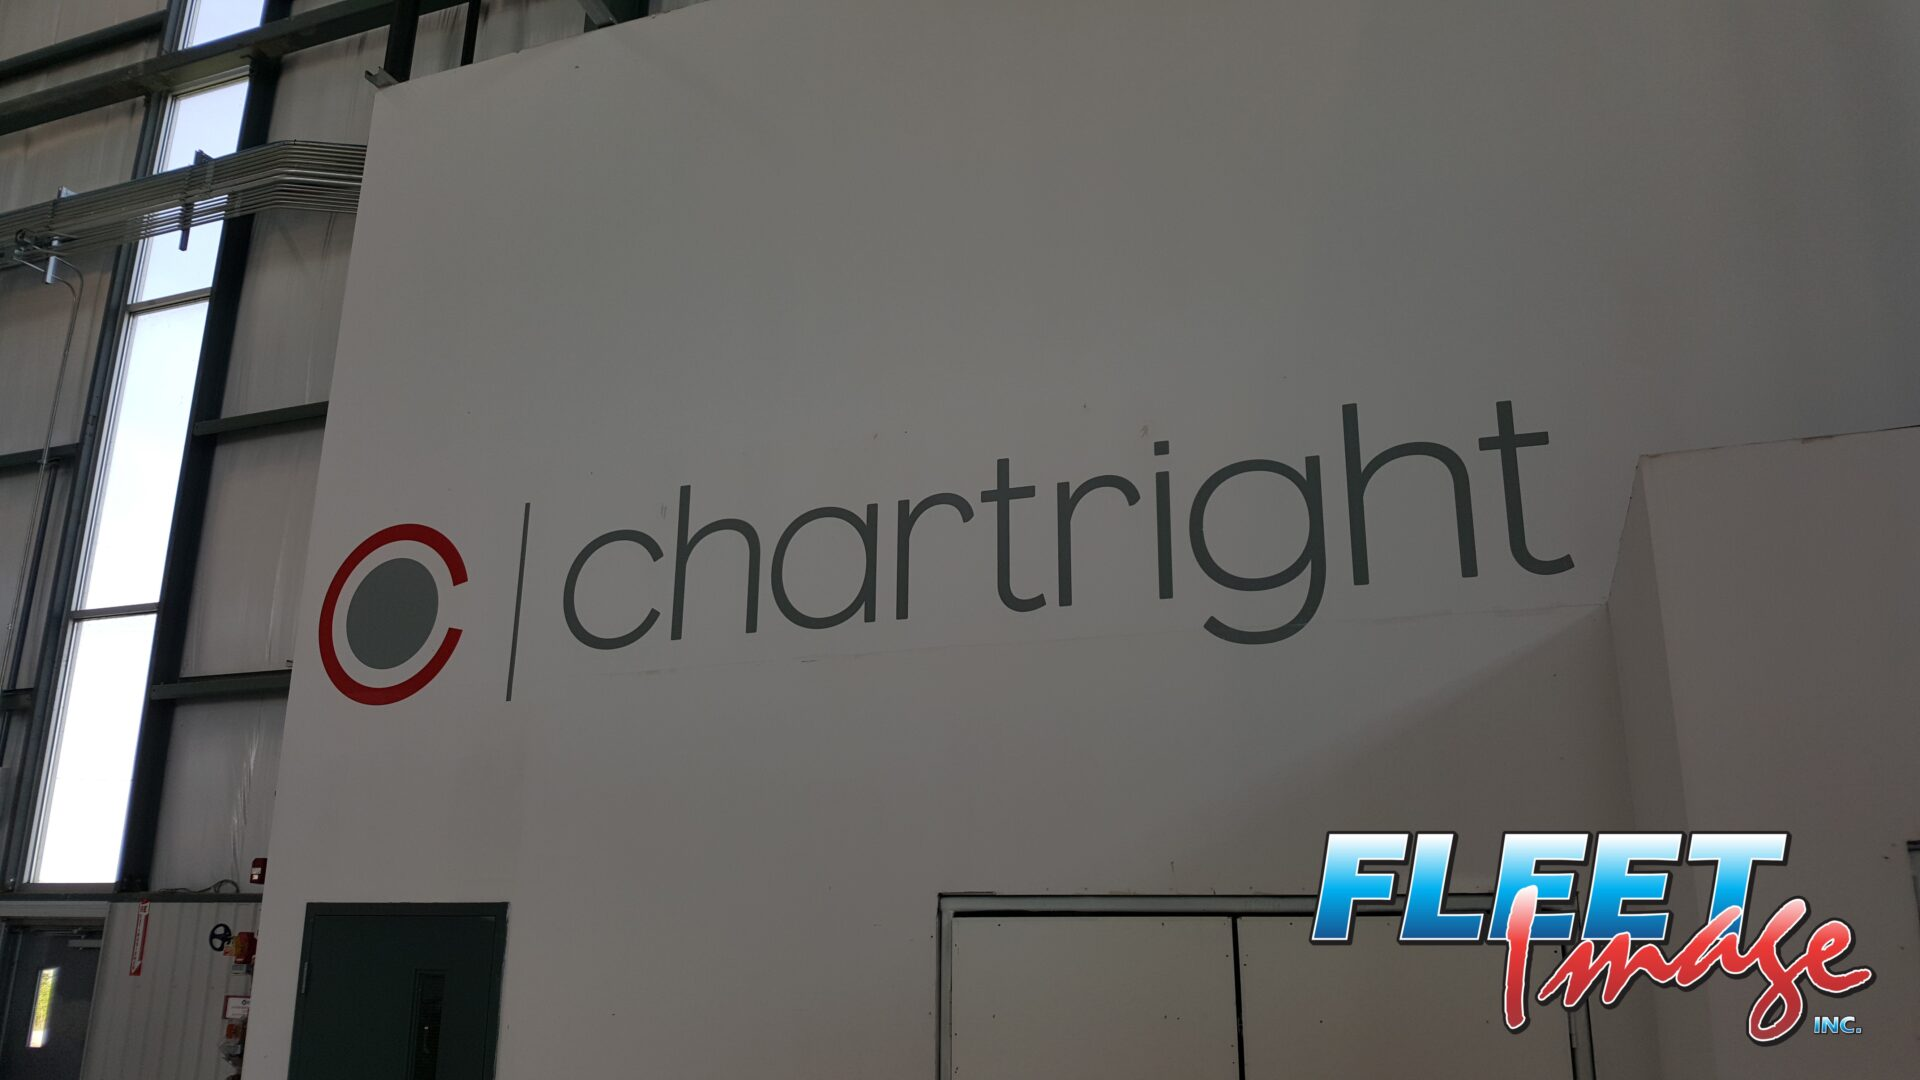 chartrightwall art